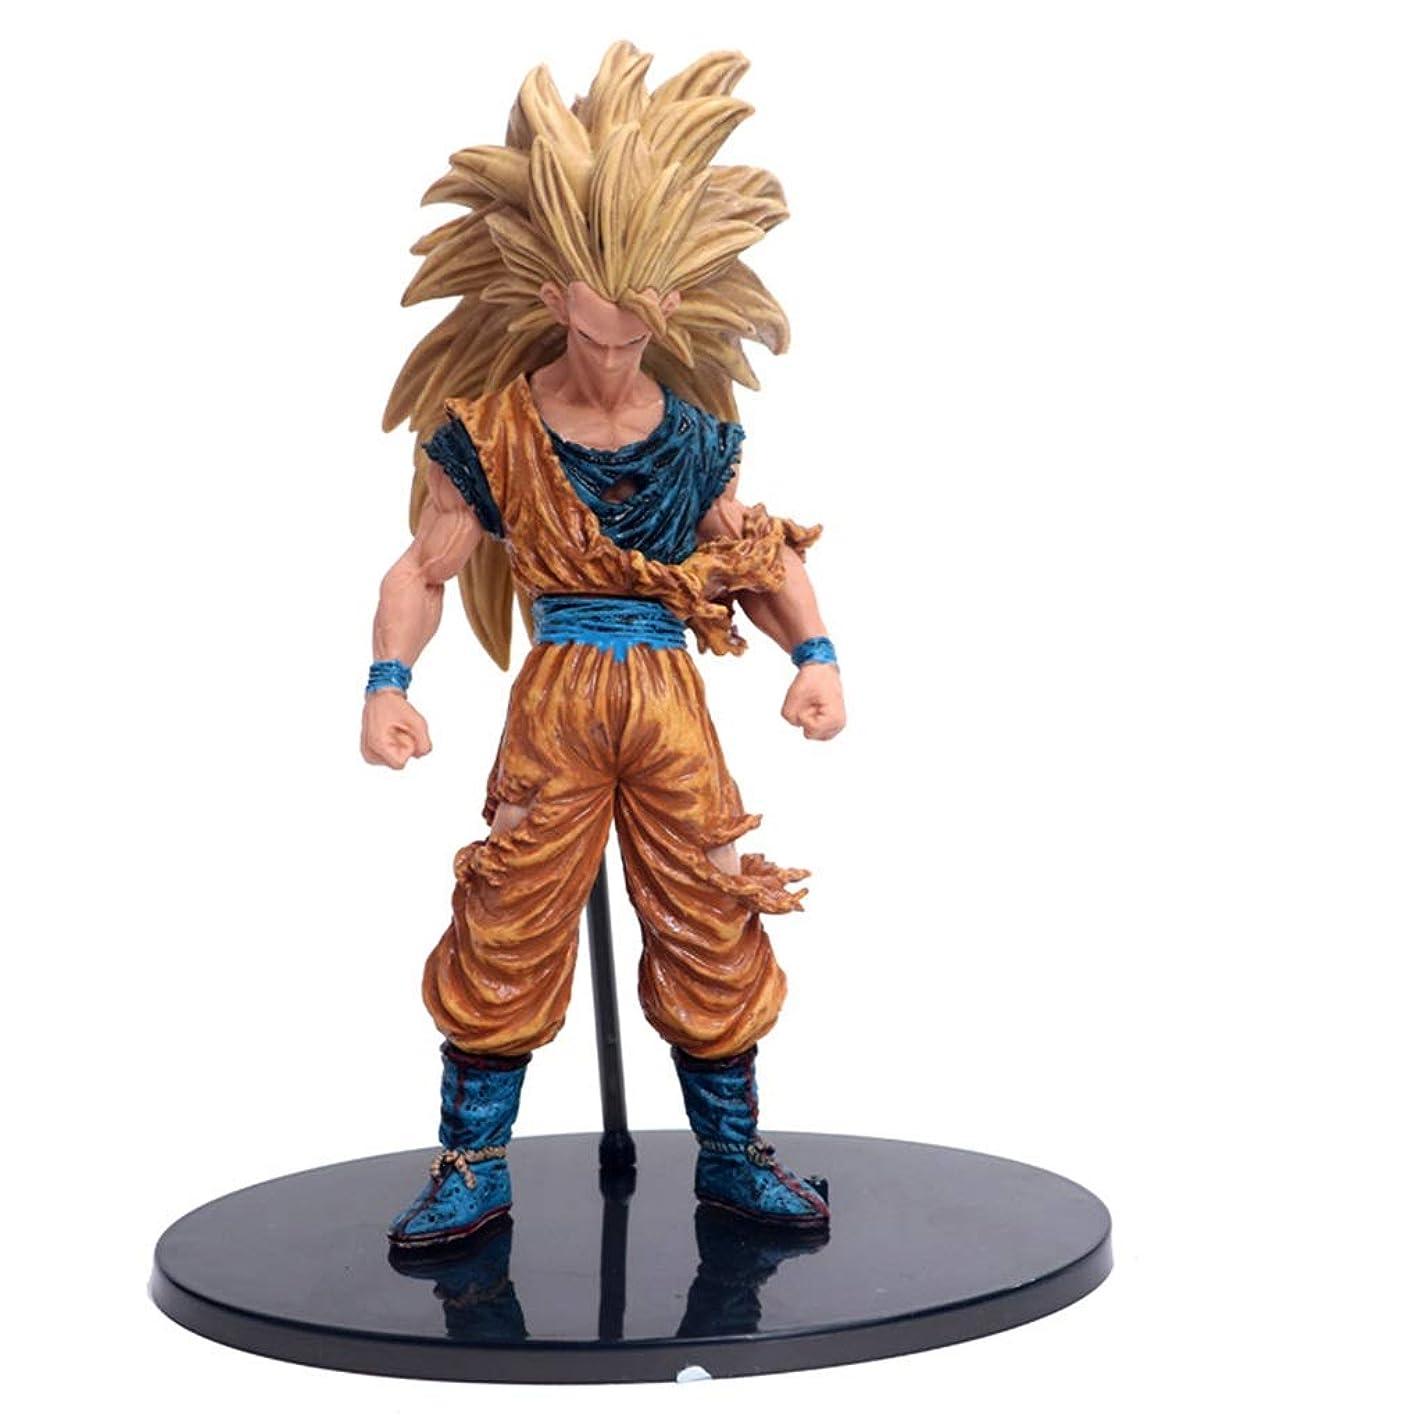 出会いメガロポリスかけがえのないアニメ漫画ゲームキャラクター悟空モデル像高21 cmおもちゃ飾り WSWQWQ